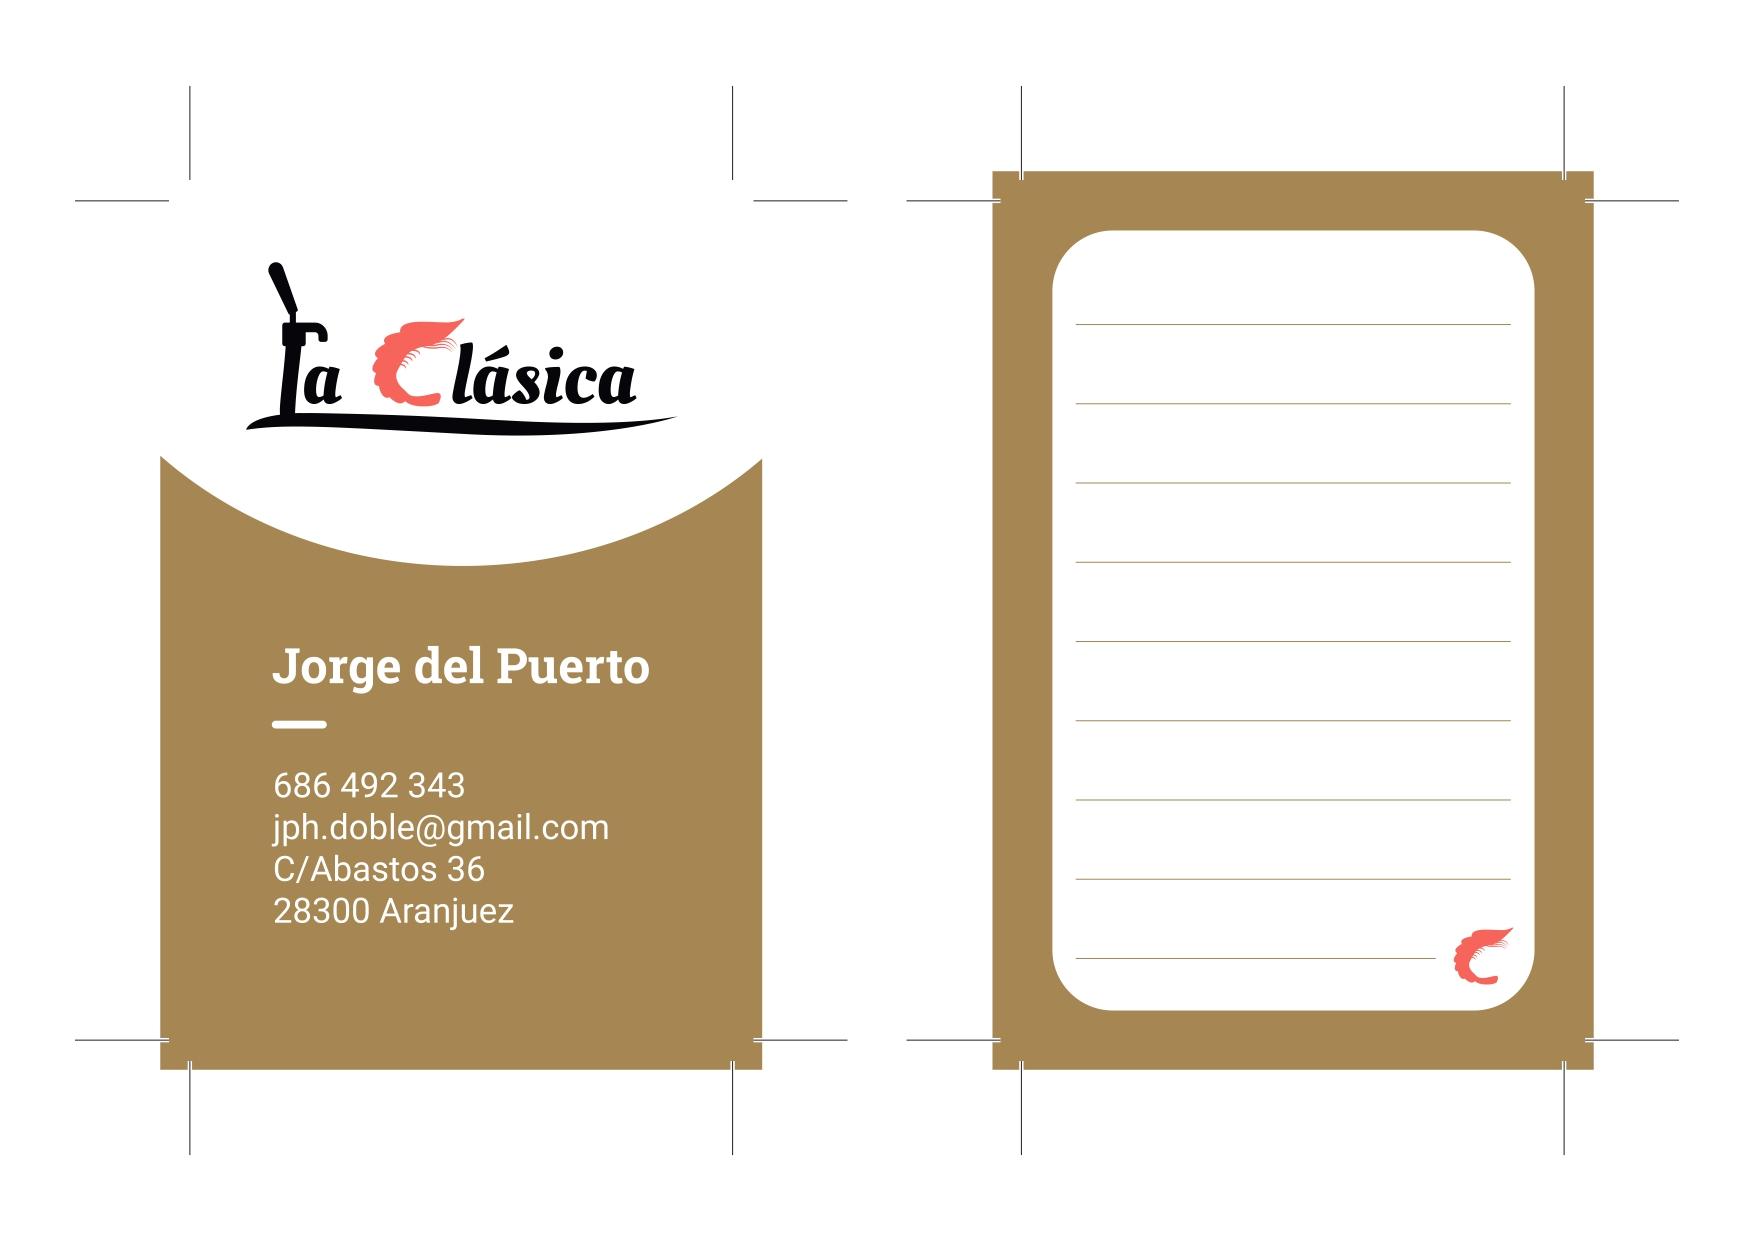 Tarjeta Logotipo La Clásica